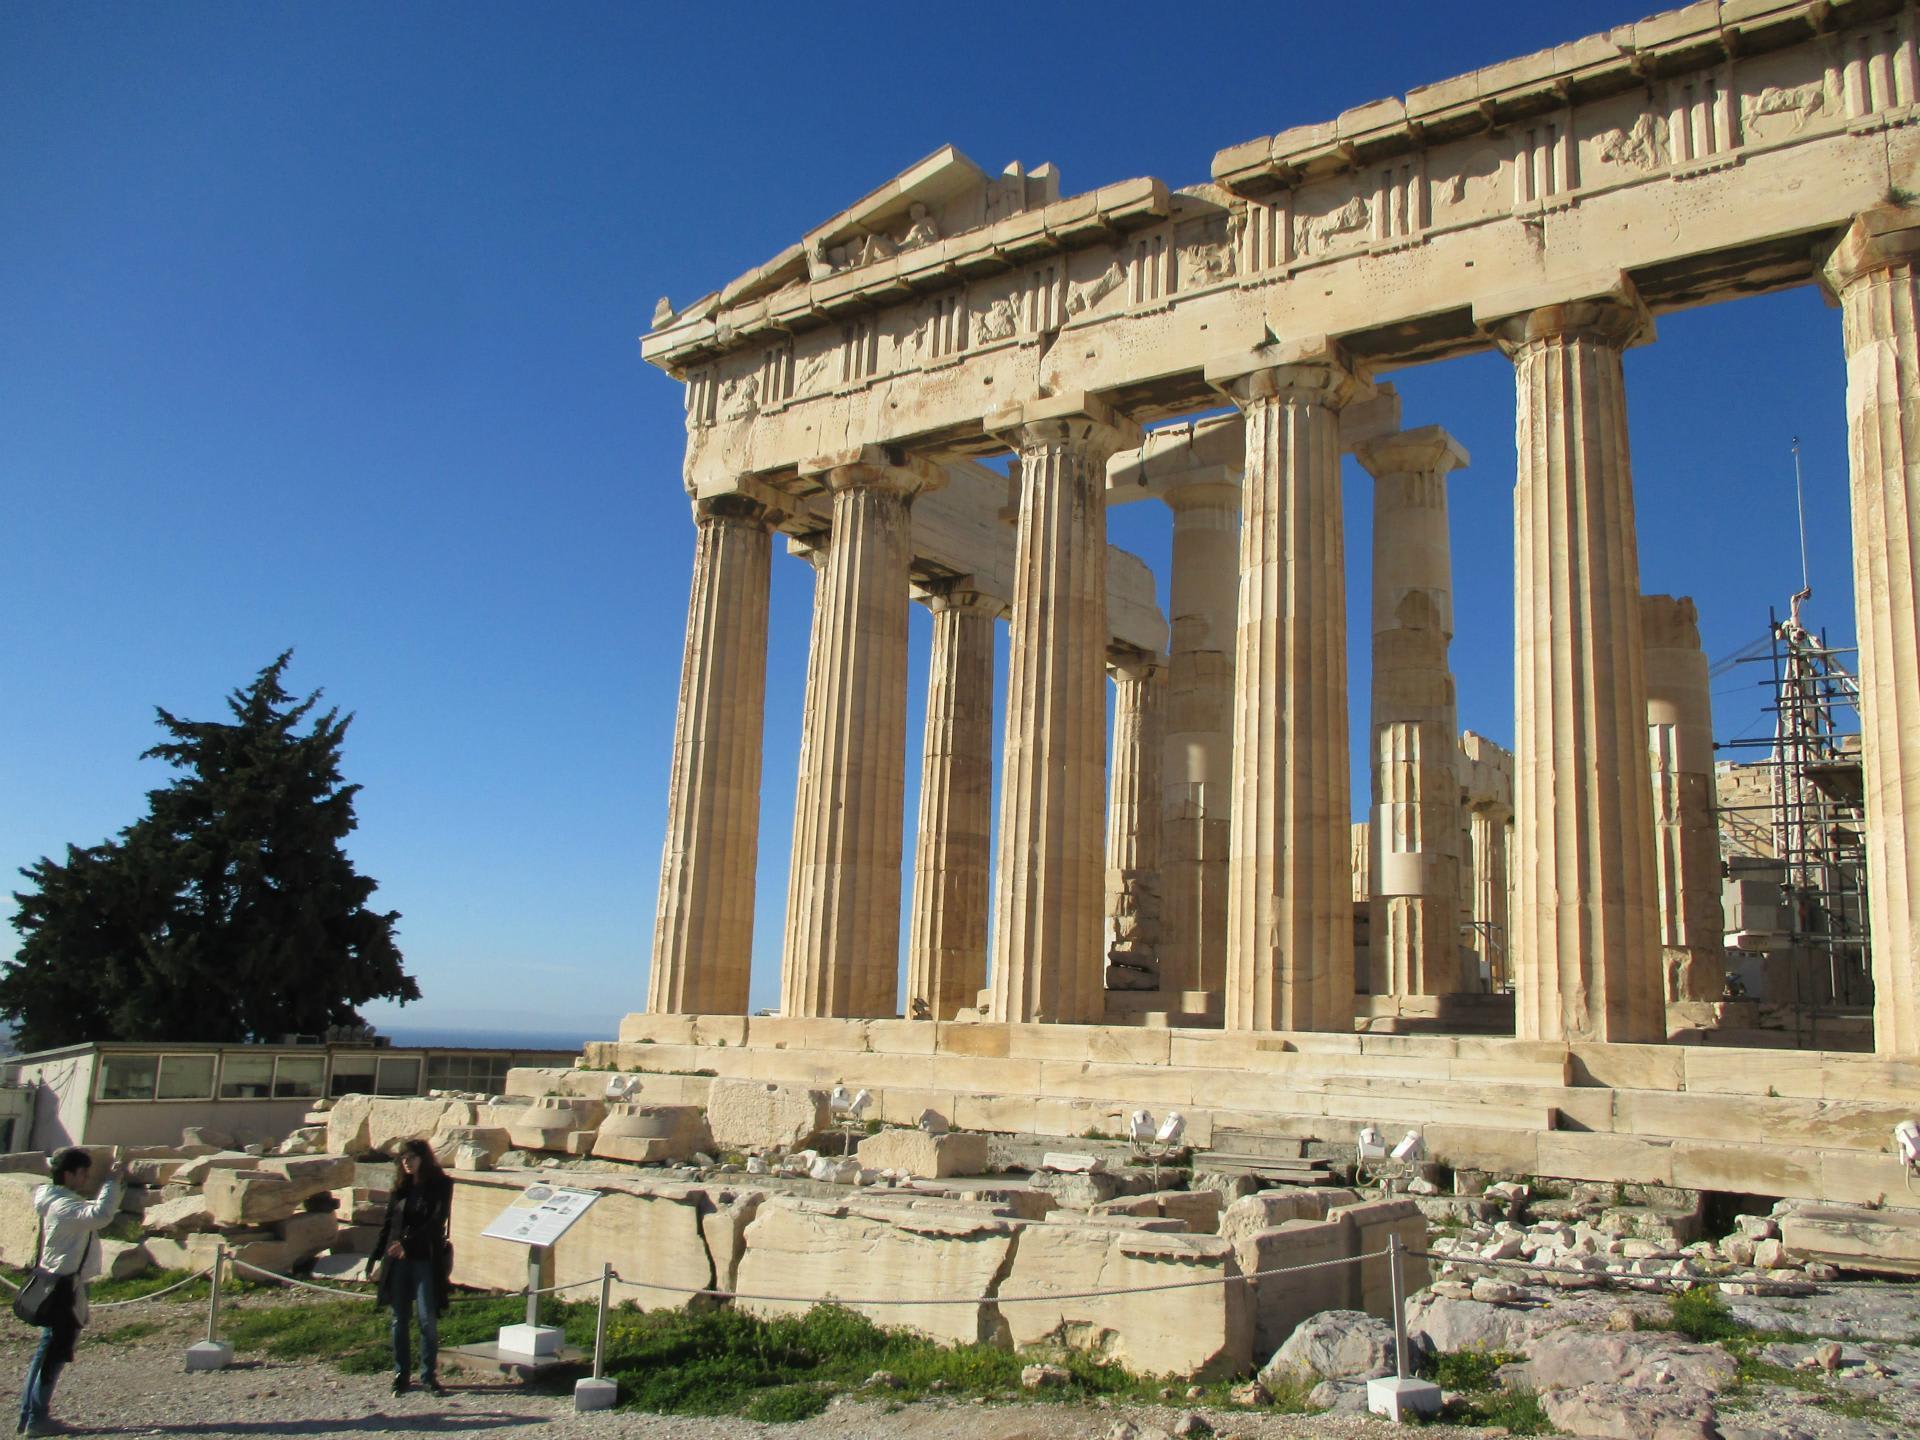 パルテノン神殿の画像 p1_28